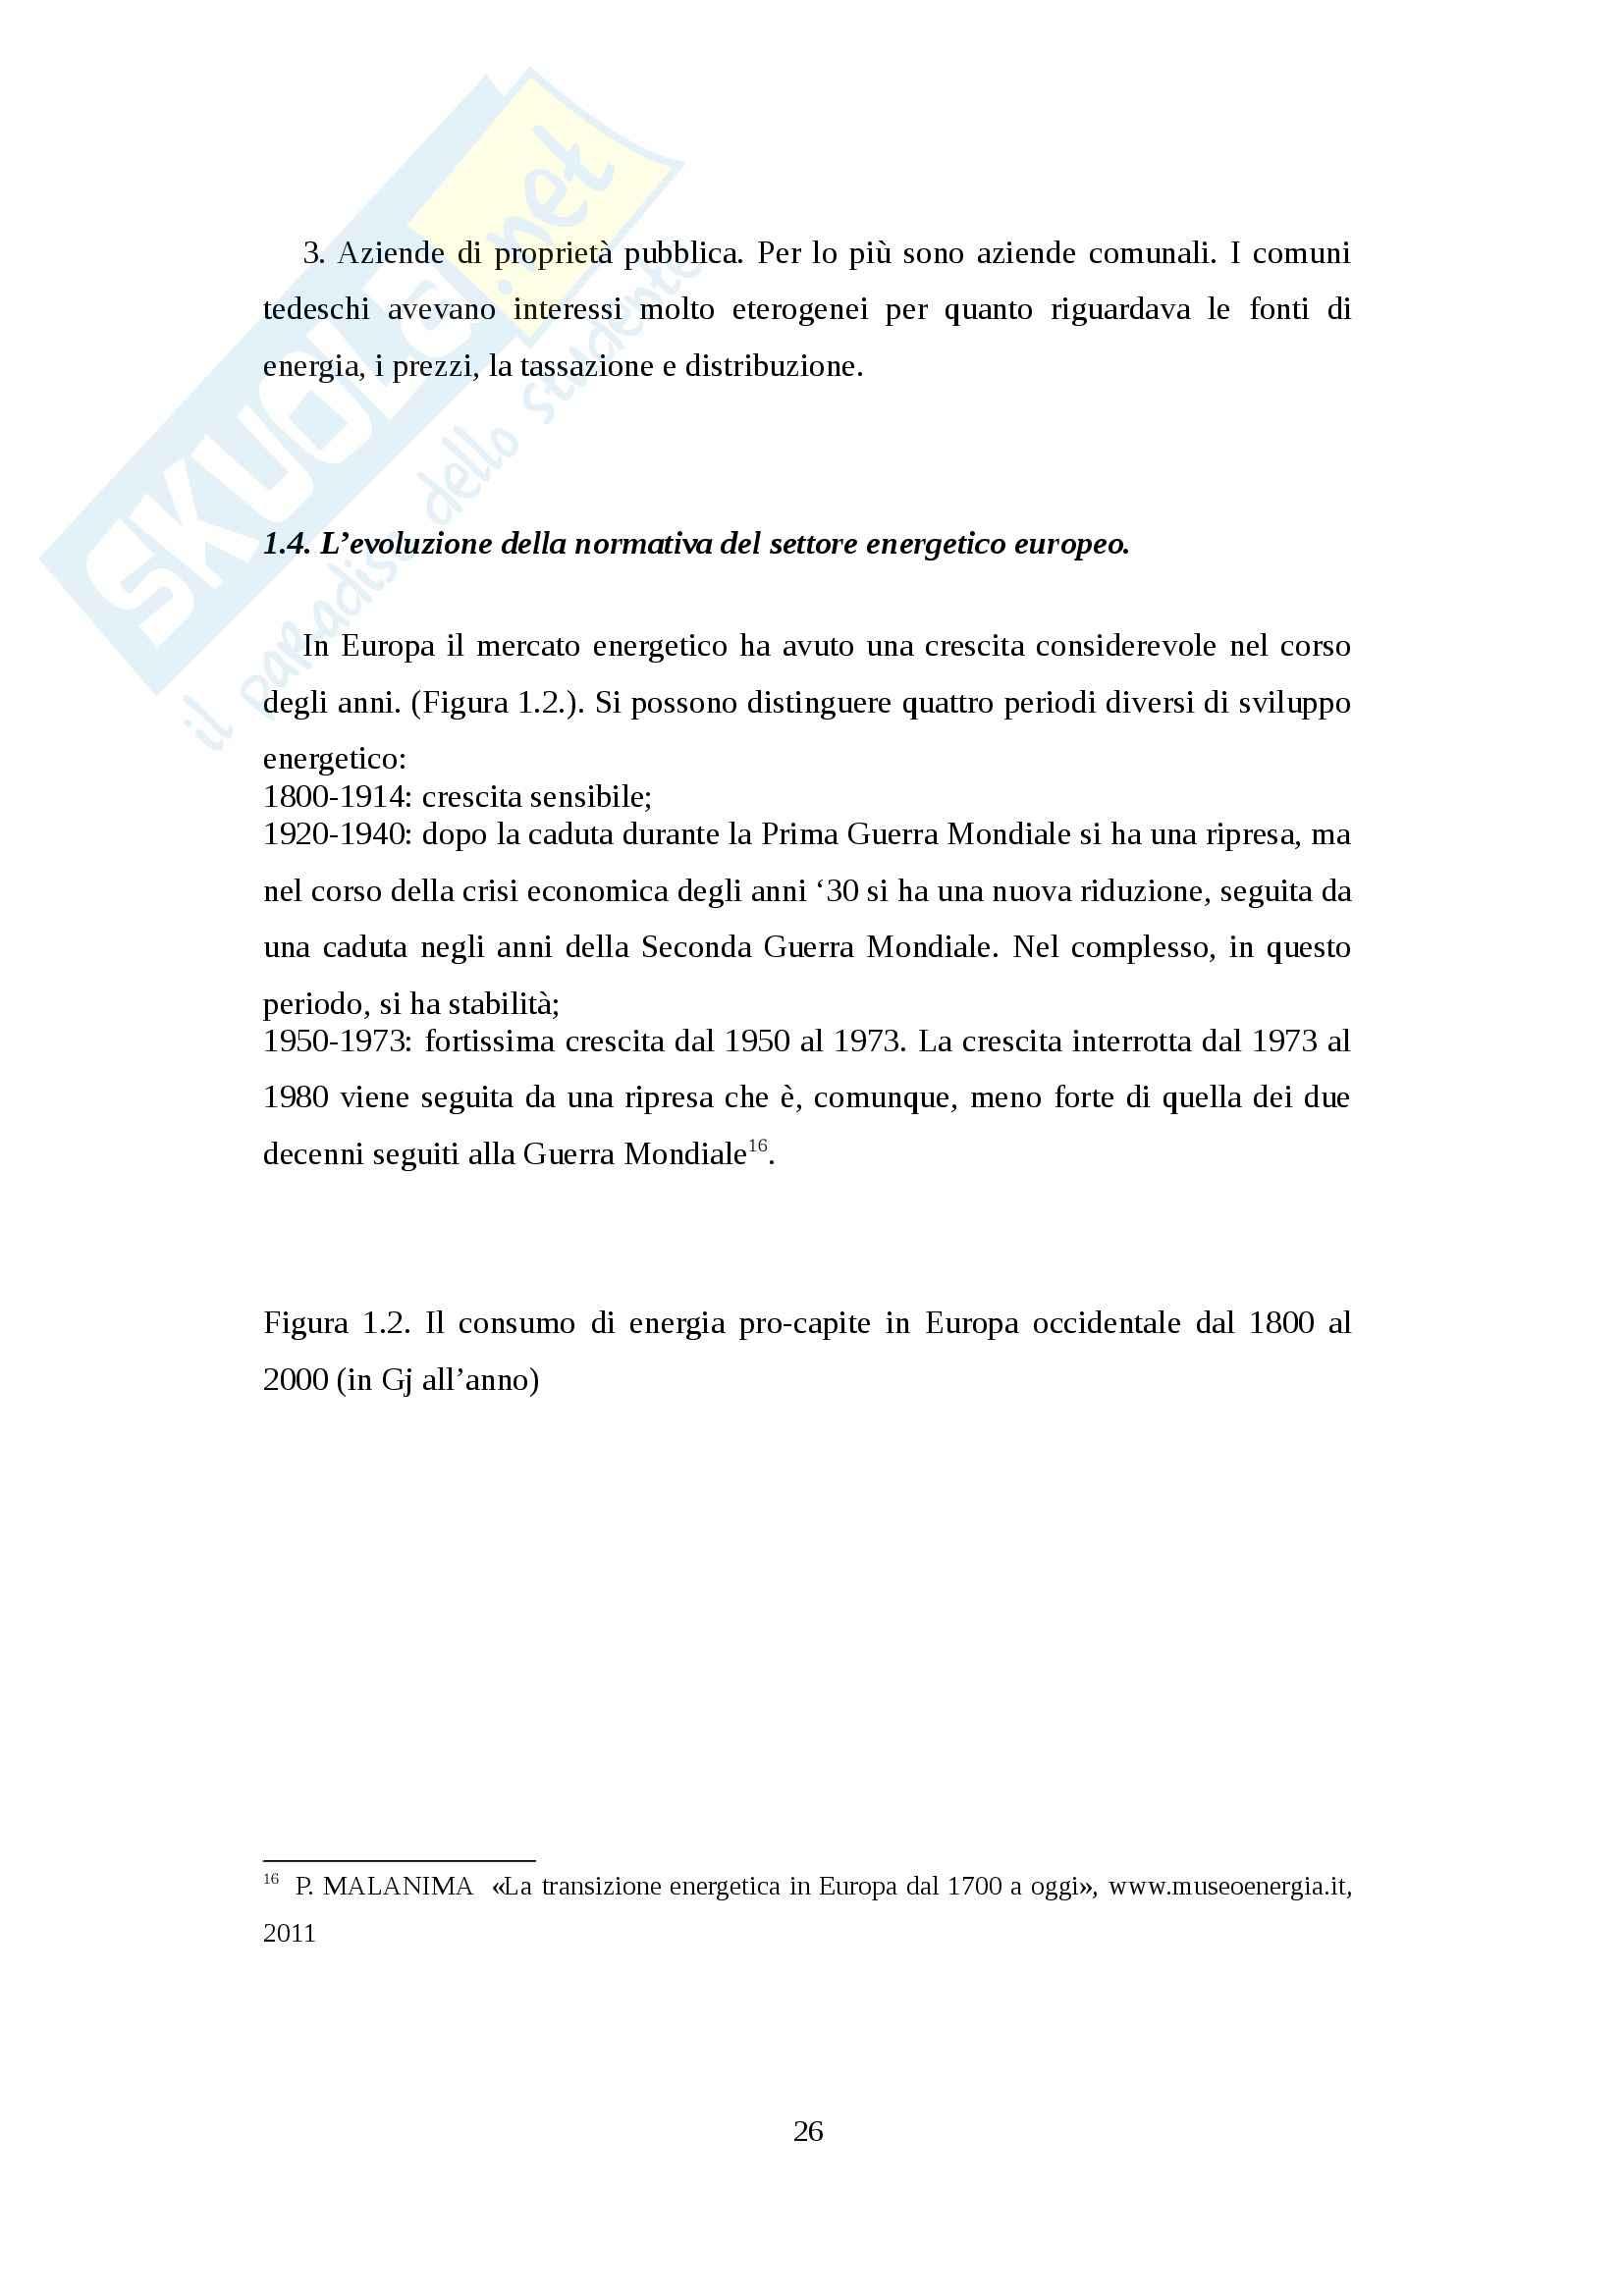 Rapporto di collaborazione tra Europa e Russia nel settore energetico - Tesi Pag. 26